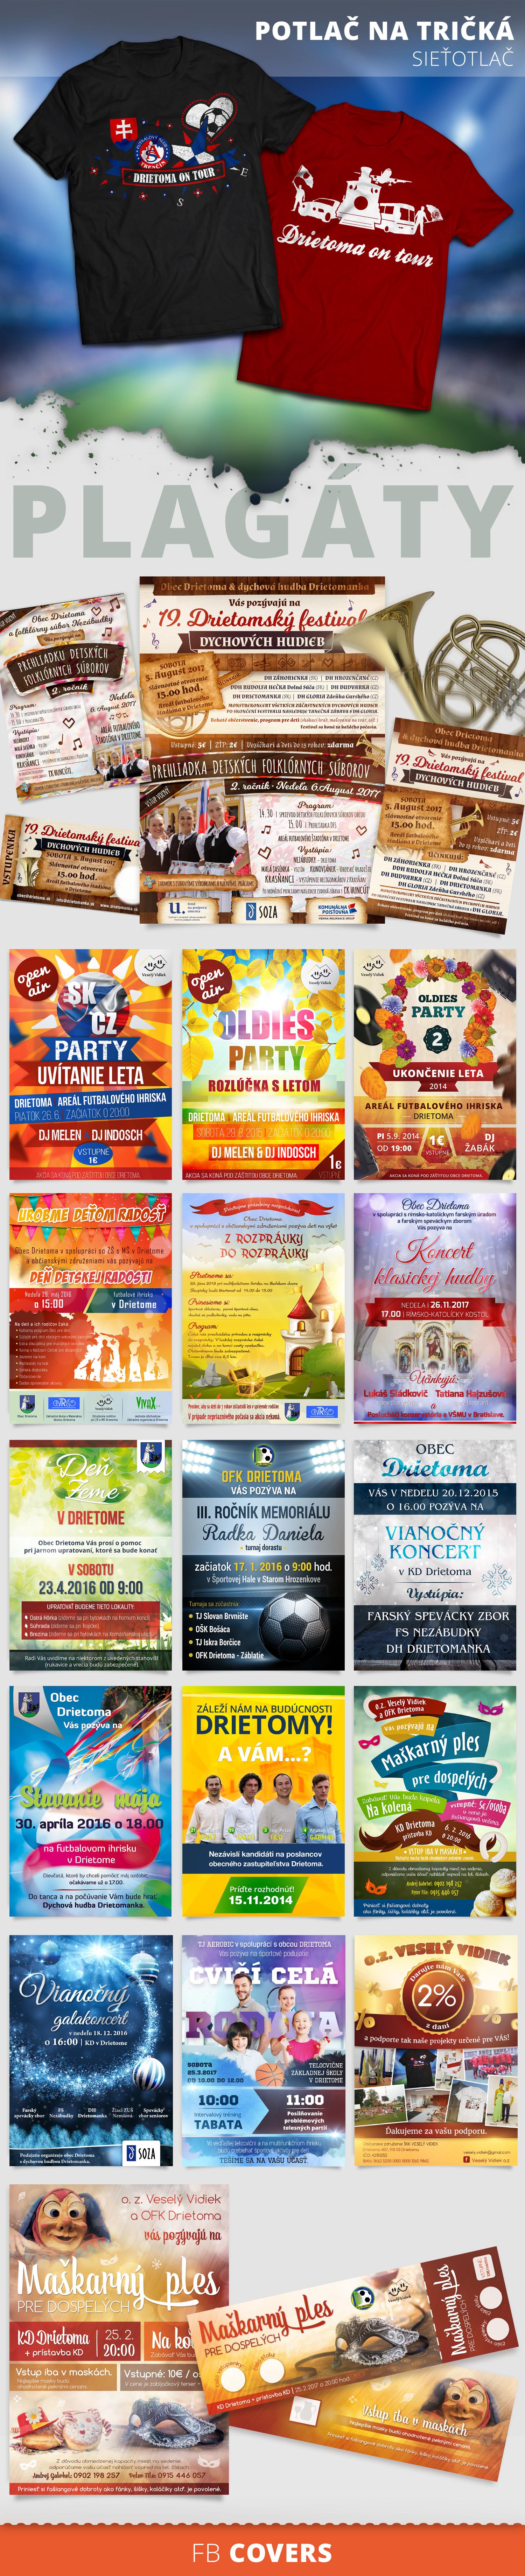 grafika pre obcianske zdruzenie, graficke navrhy, plagaty, socialne siete